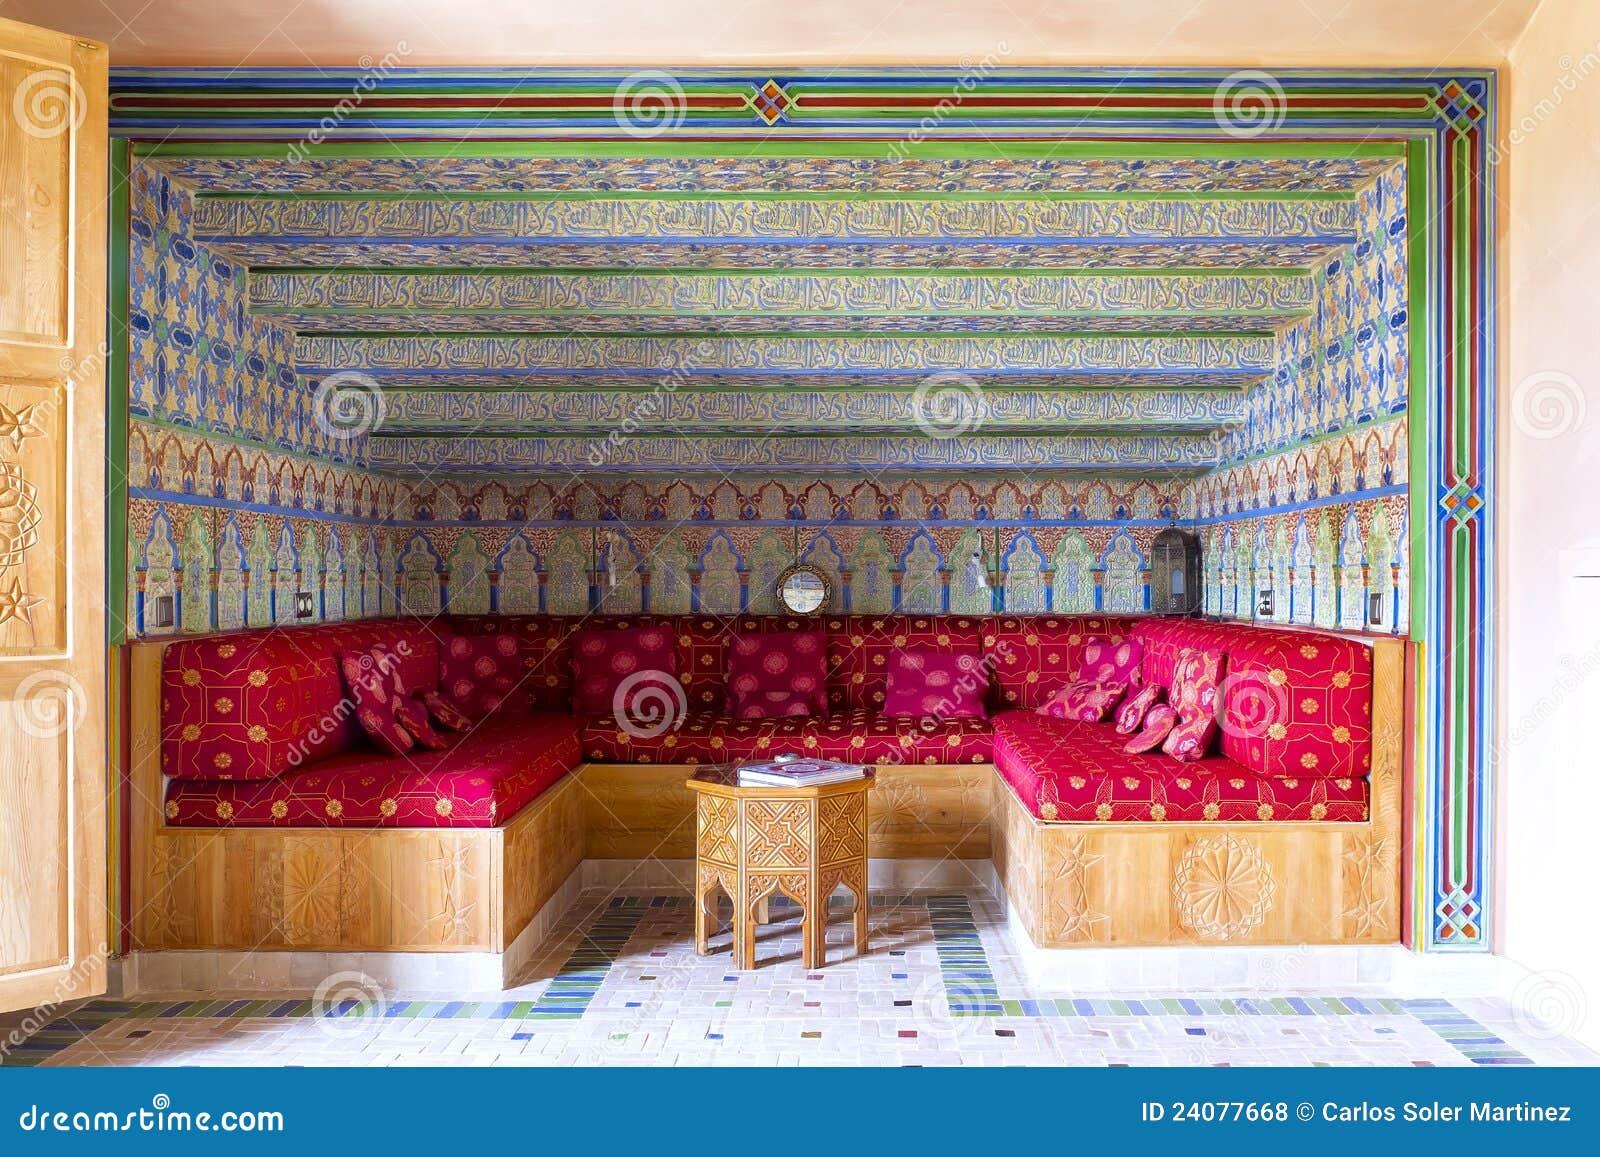 Decoraci n del estilo rabe del sal n fotos de archivo - Estilo arabe decoracion ...